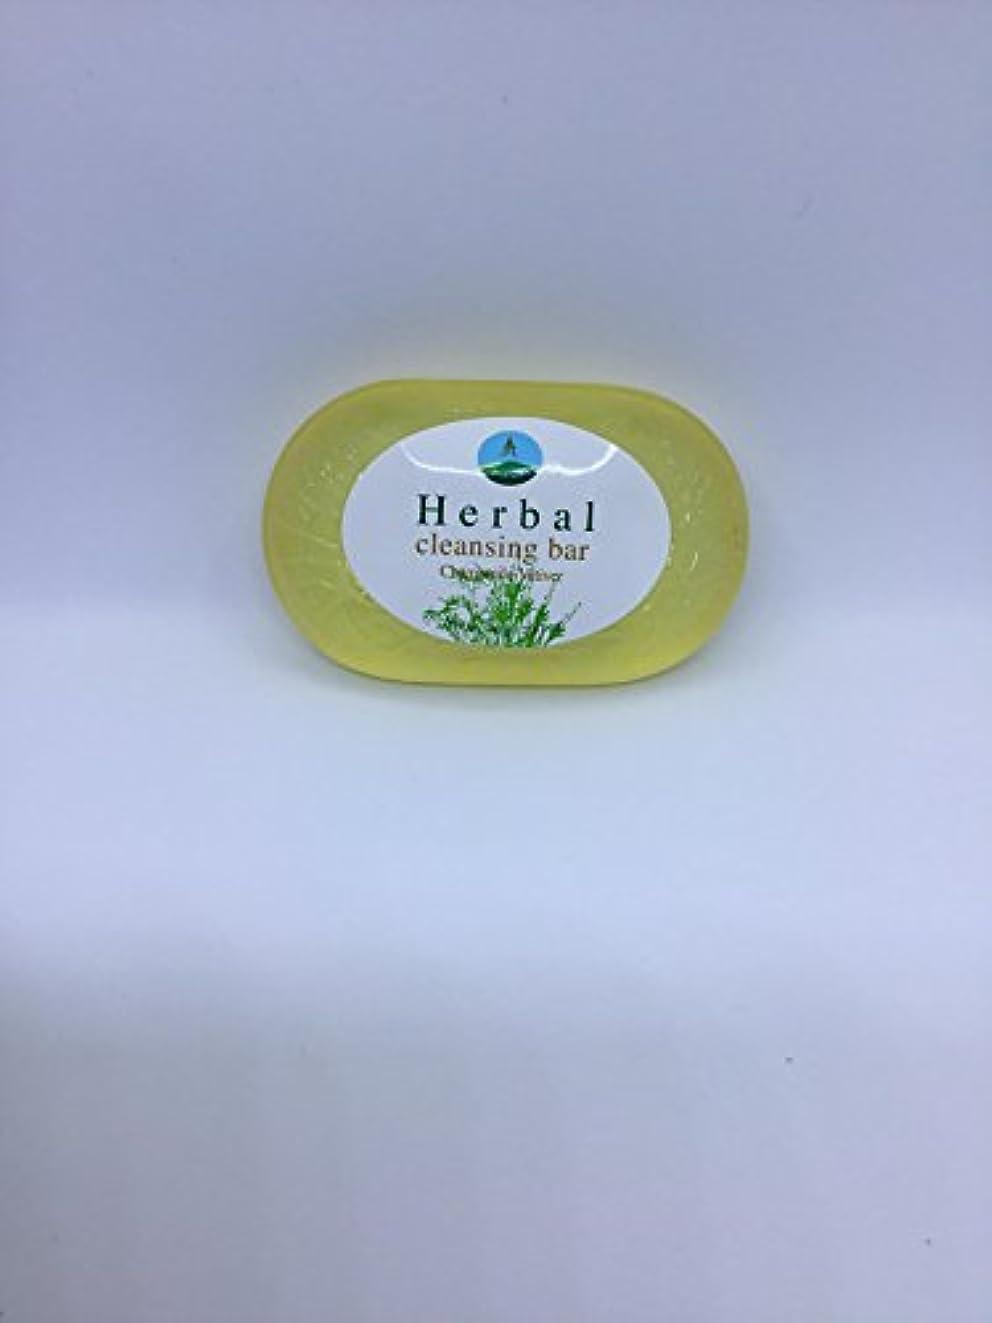 グリース醸造所間隔Herbal cleansing Bar Chamomile-Vetiver